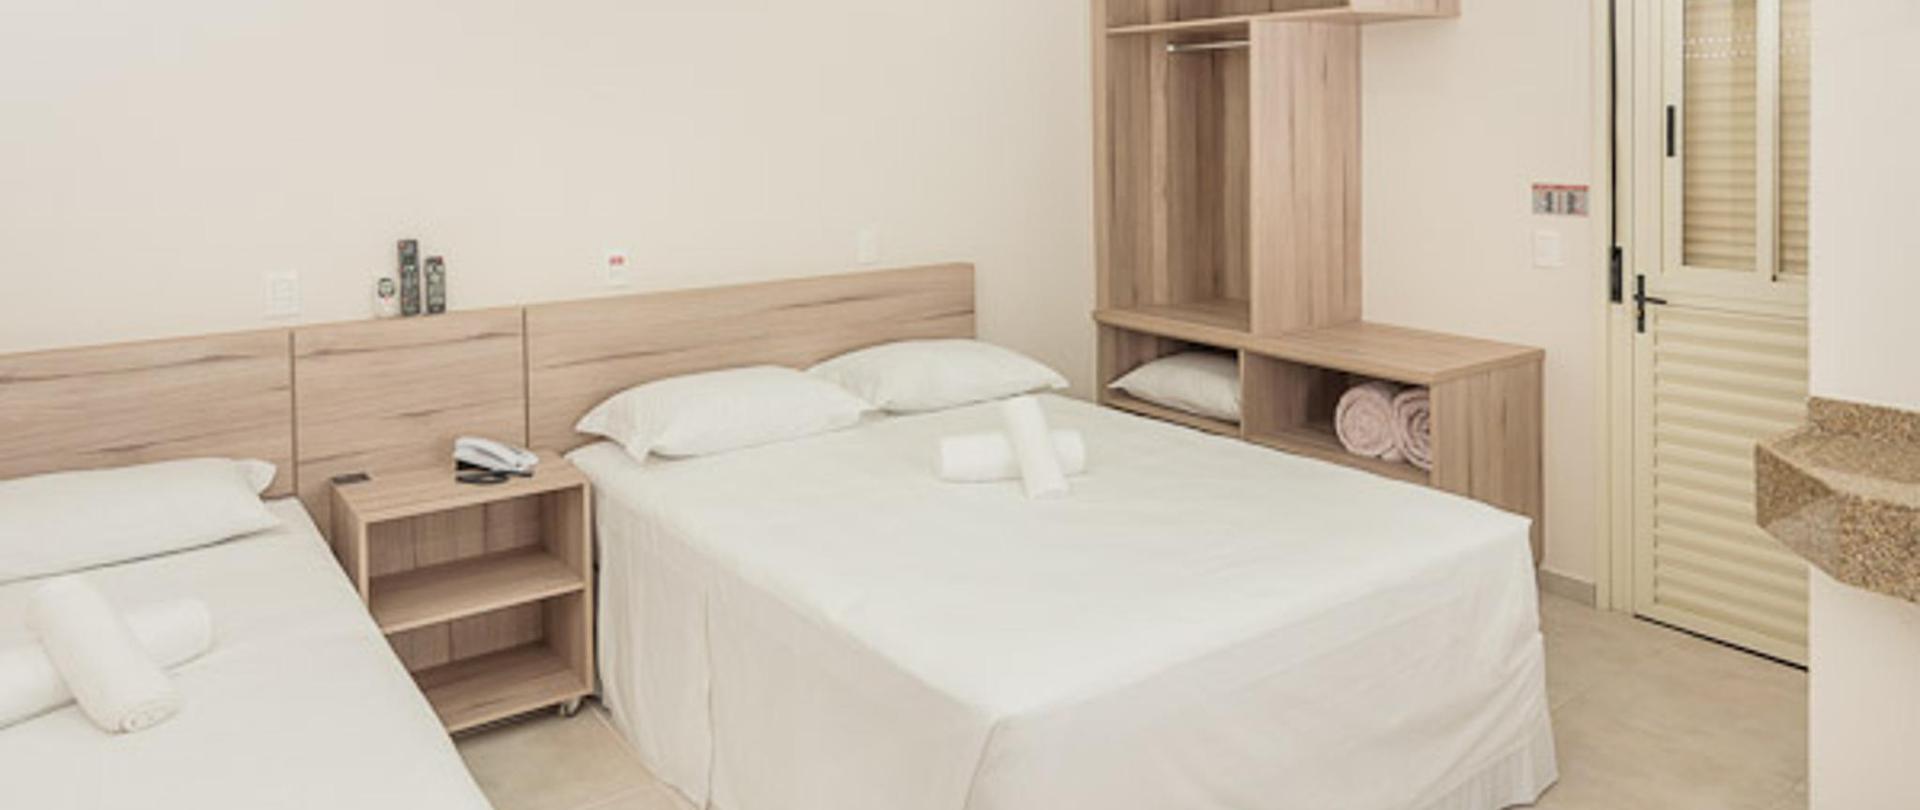 20120530_doishhotel-12.jpg